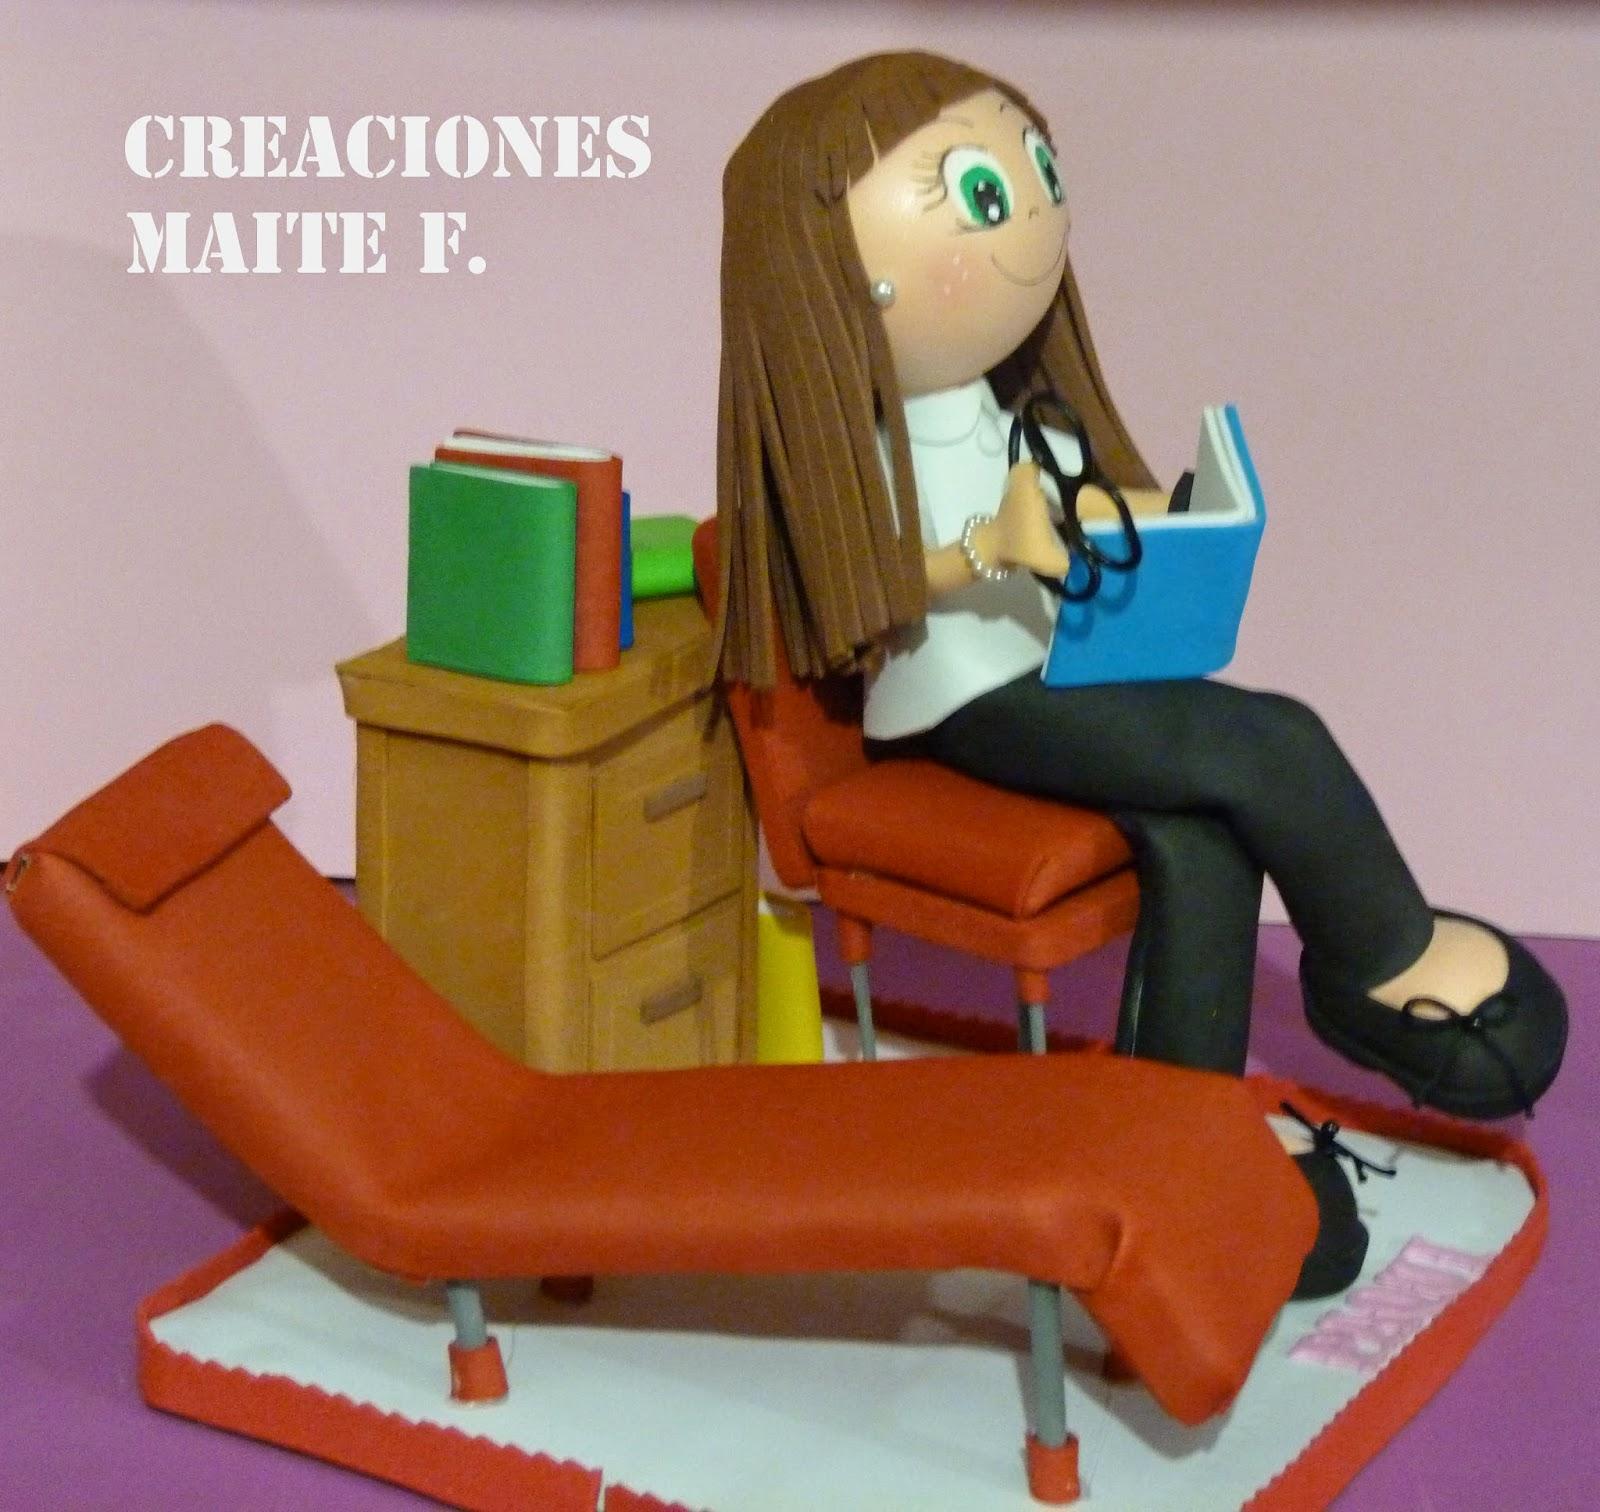 Fofuchas manualidades y creaciones maite fofucha medico for Que es divan en psicologia